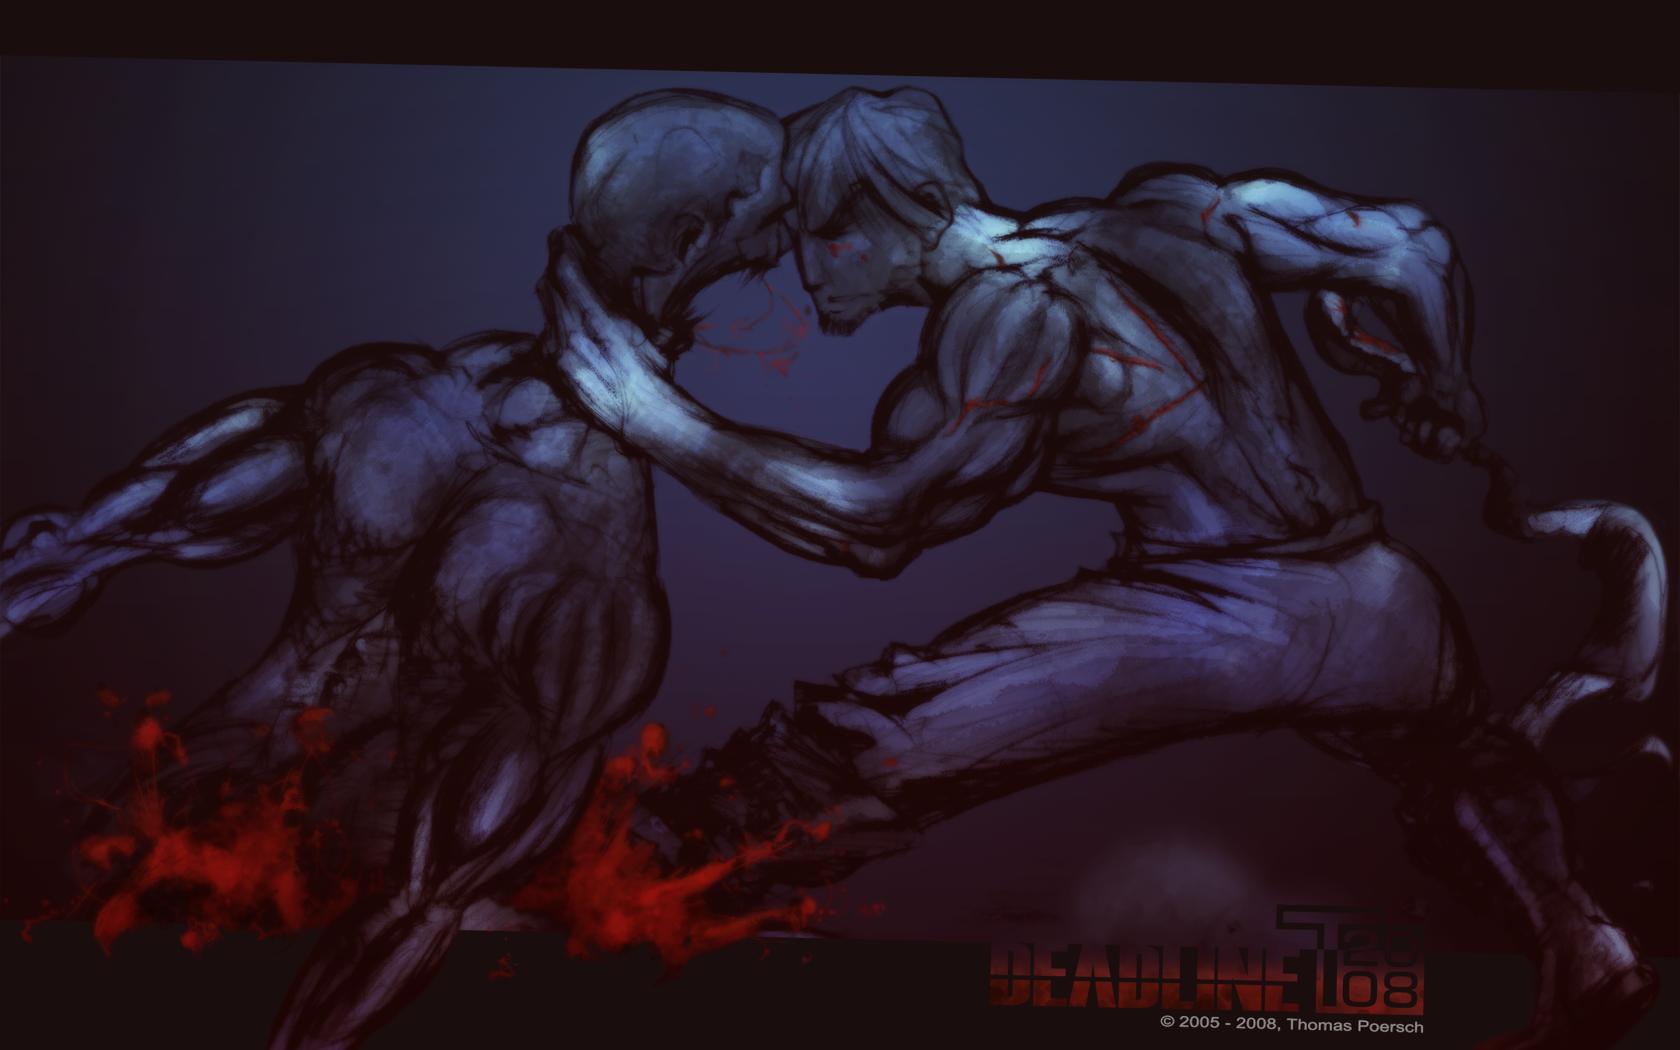 DEADLINE 02